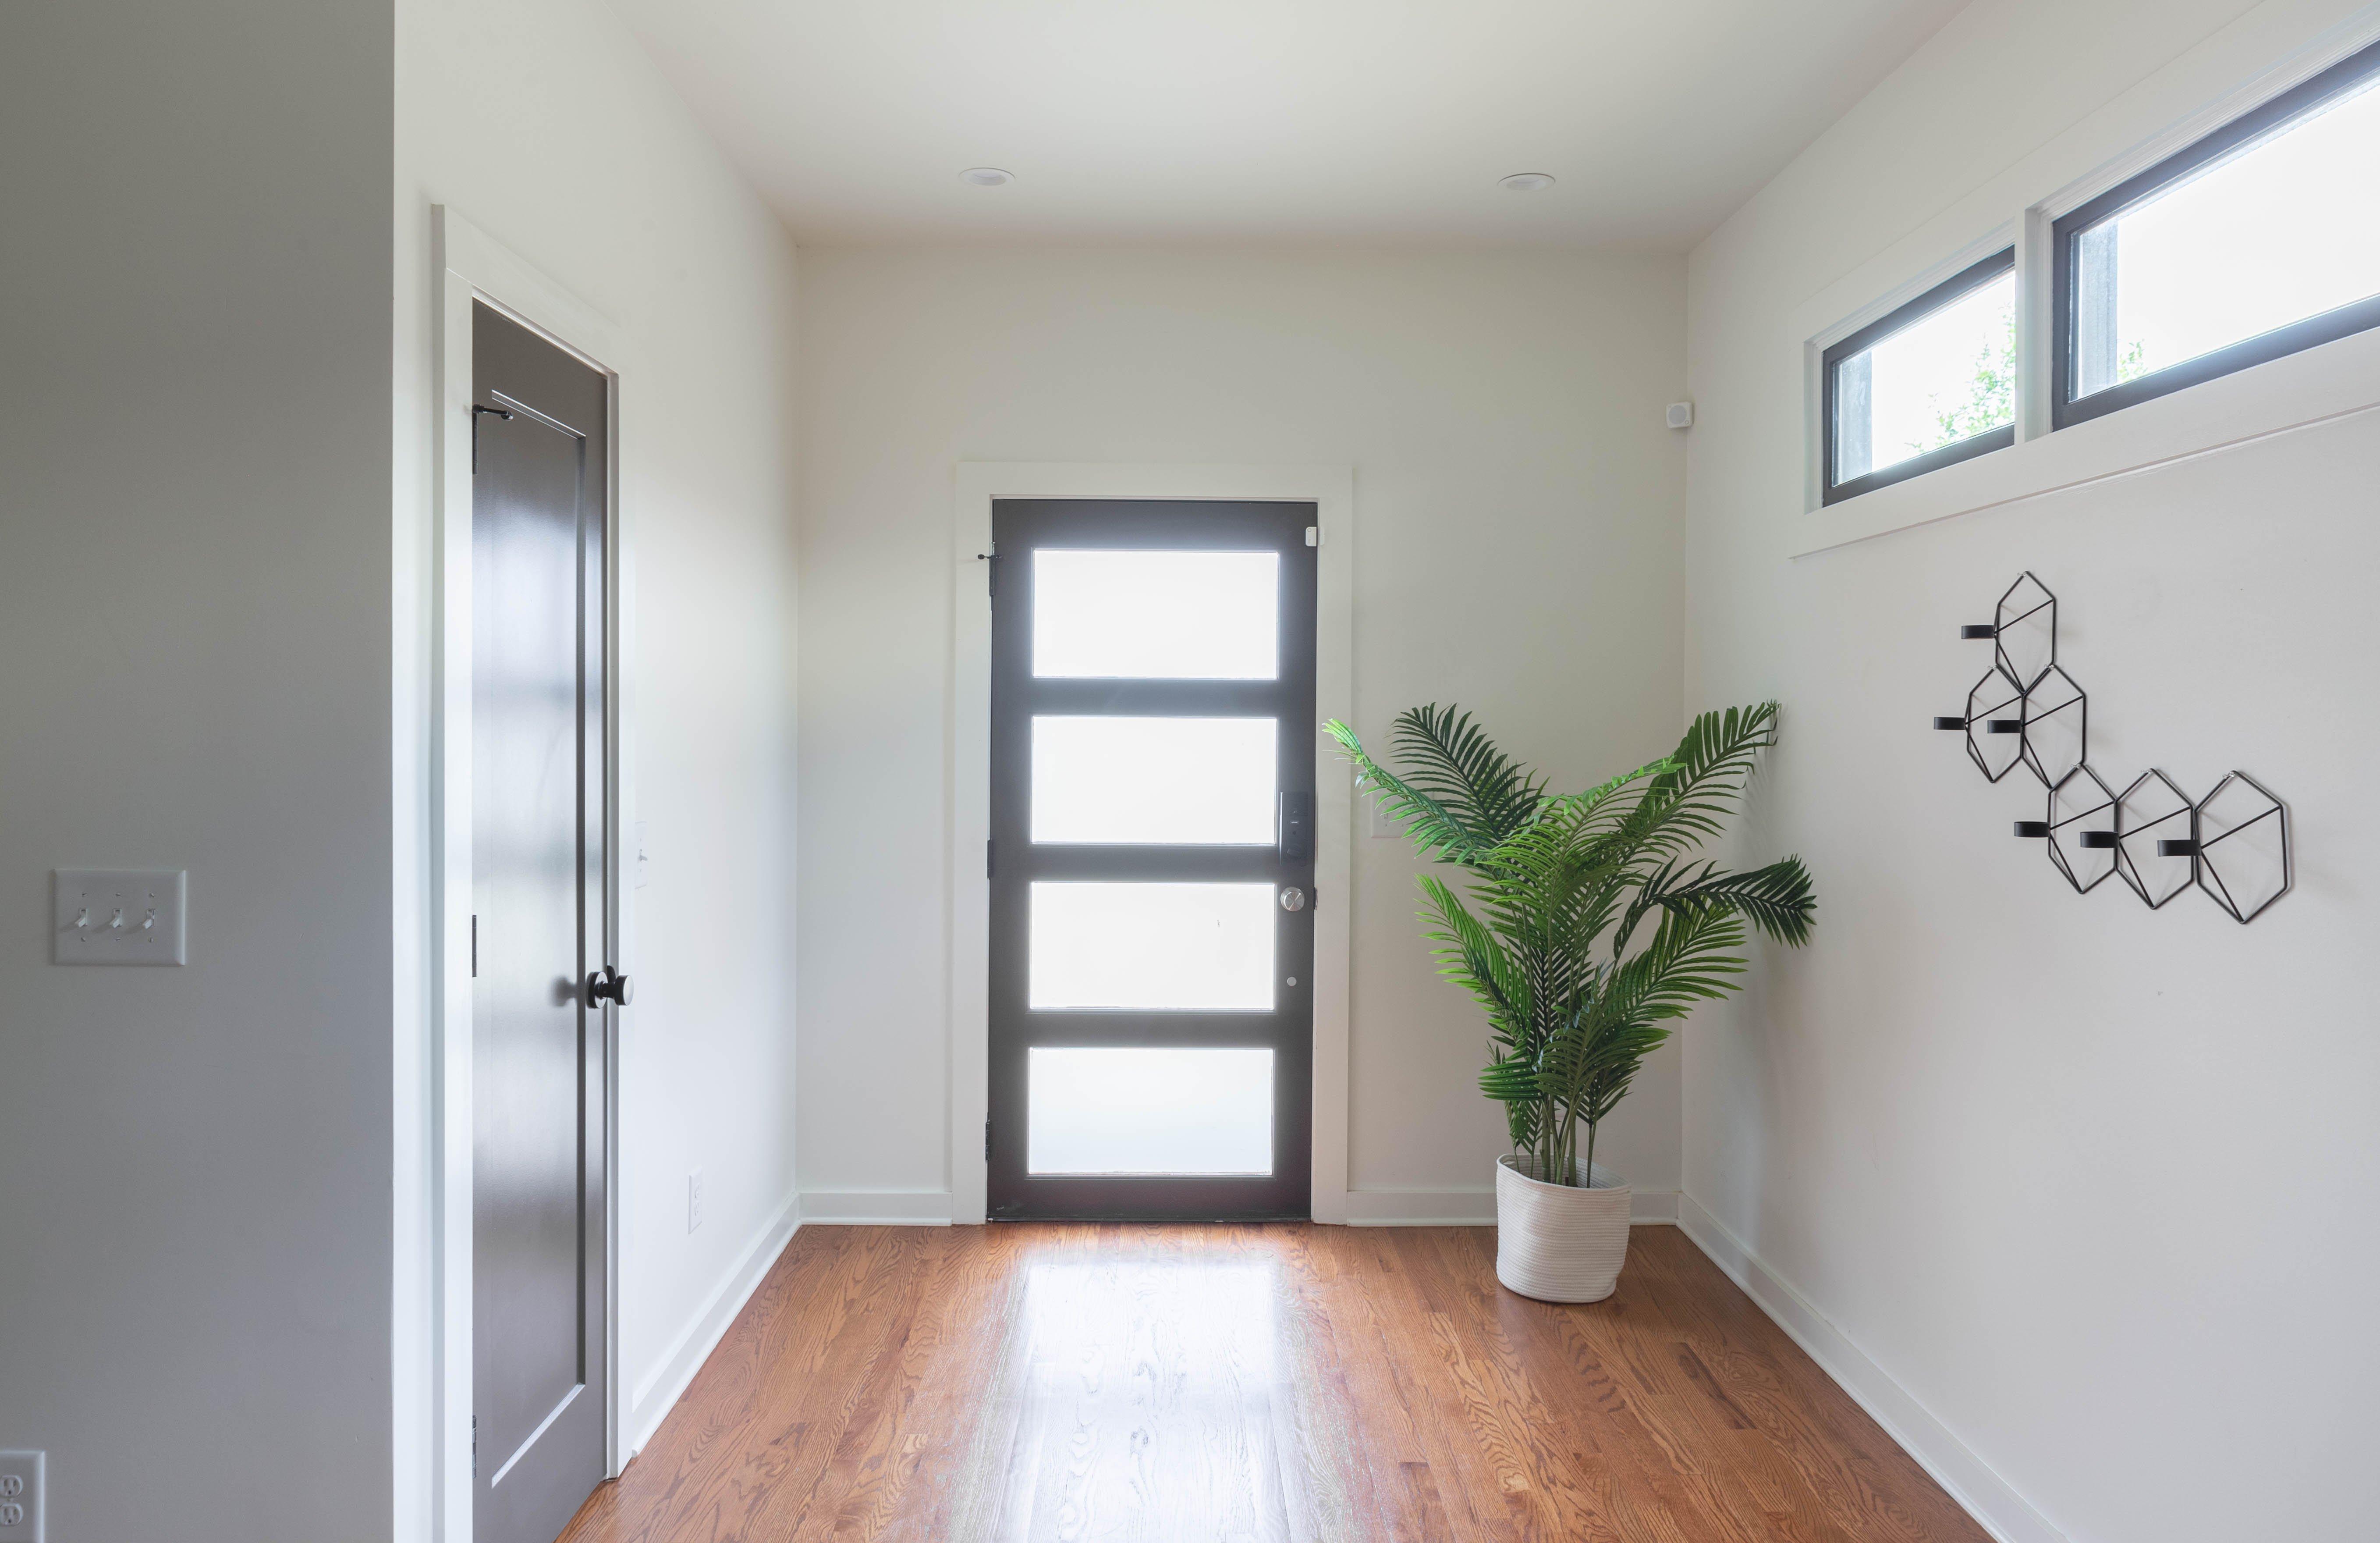 01 foyer entrance 20210707-IMG_7934-HDR.jpg